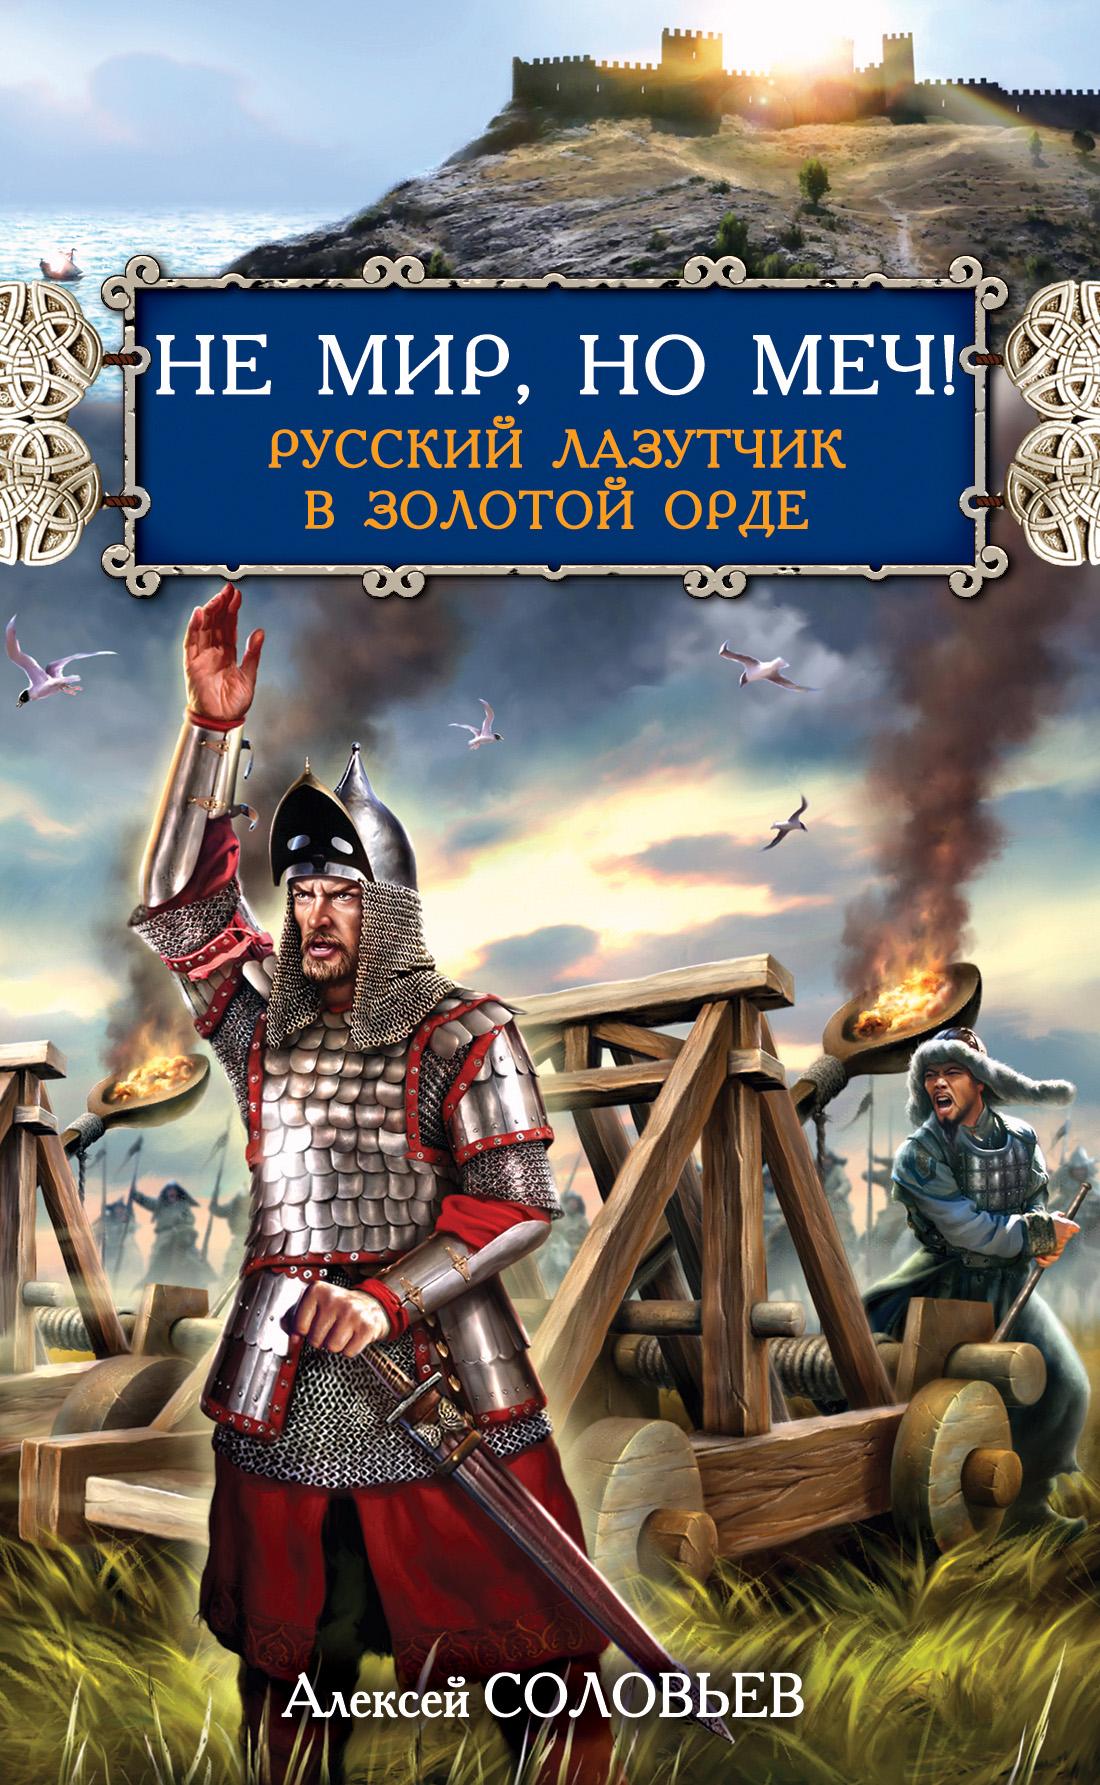 Не мир, но меч! Русский лазутчик в Золотой Орде